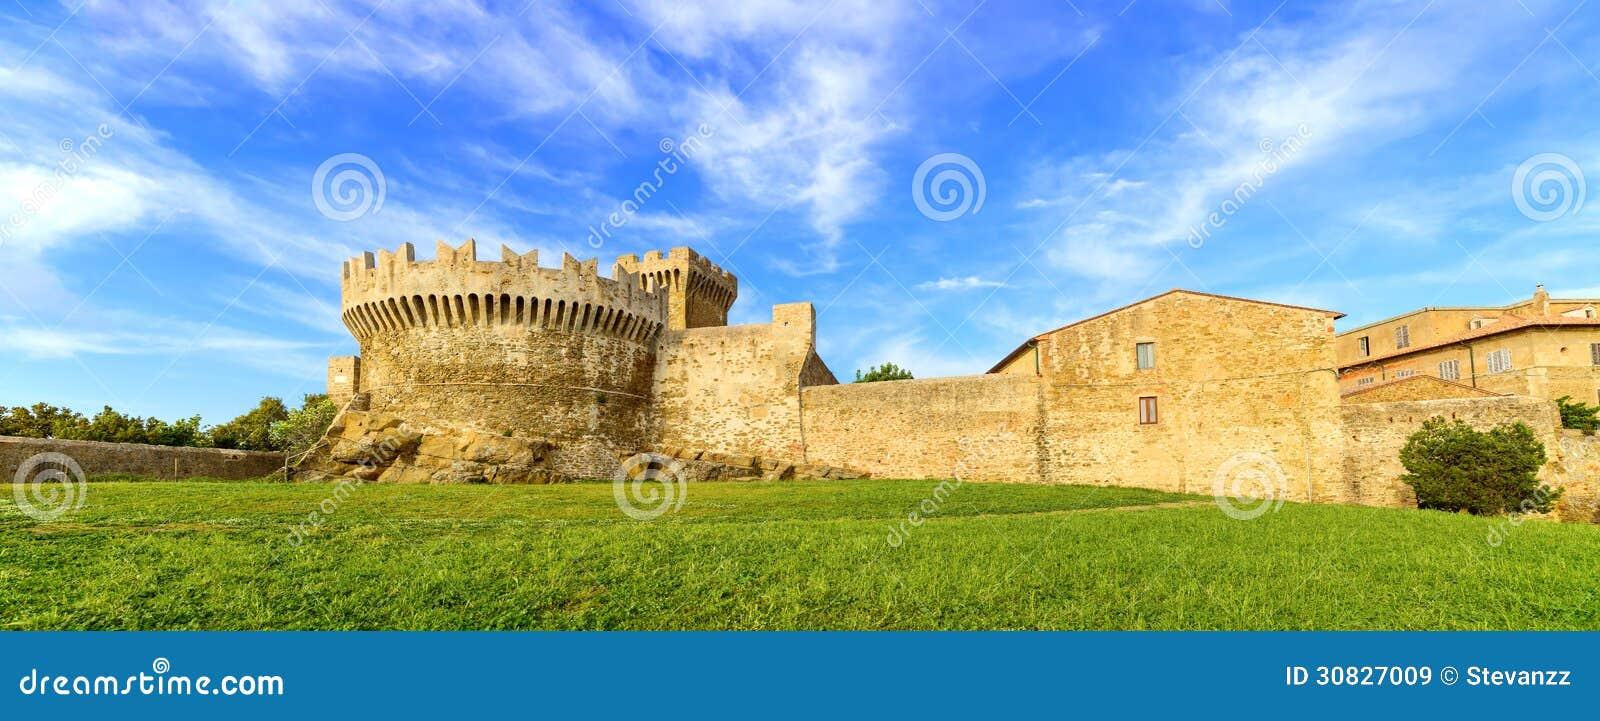 Punto di riferimento, mura di cinta e torre medievali del villaggio di Populonia. La Toscana, Italia.